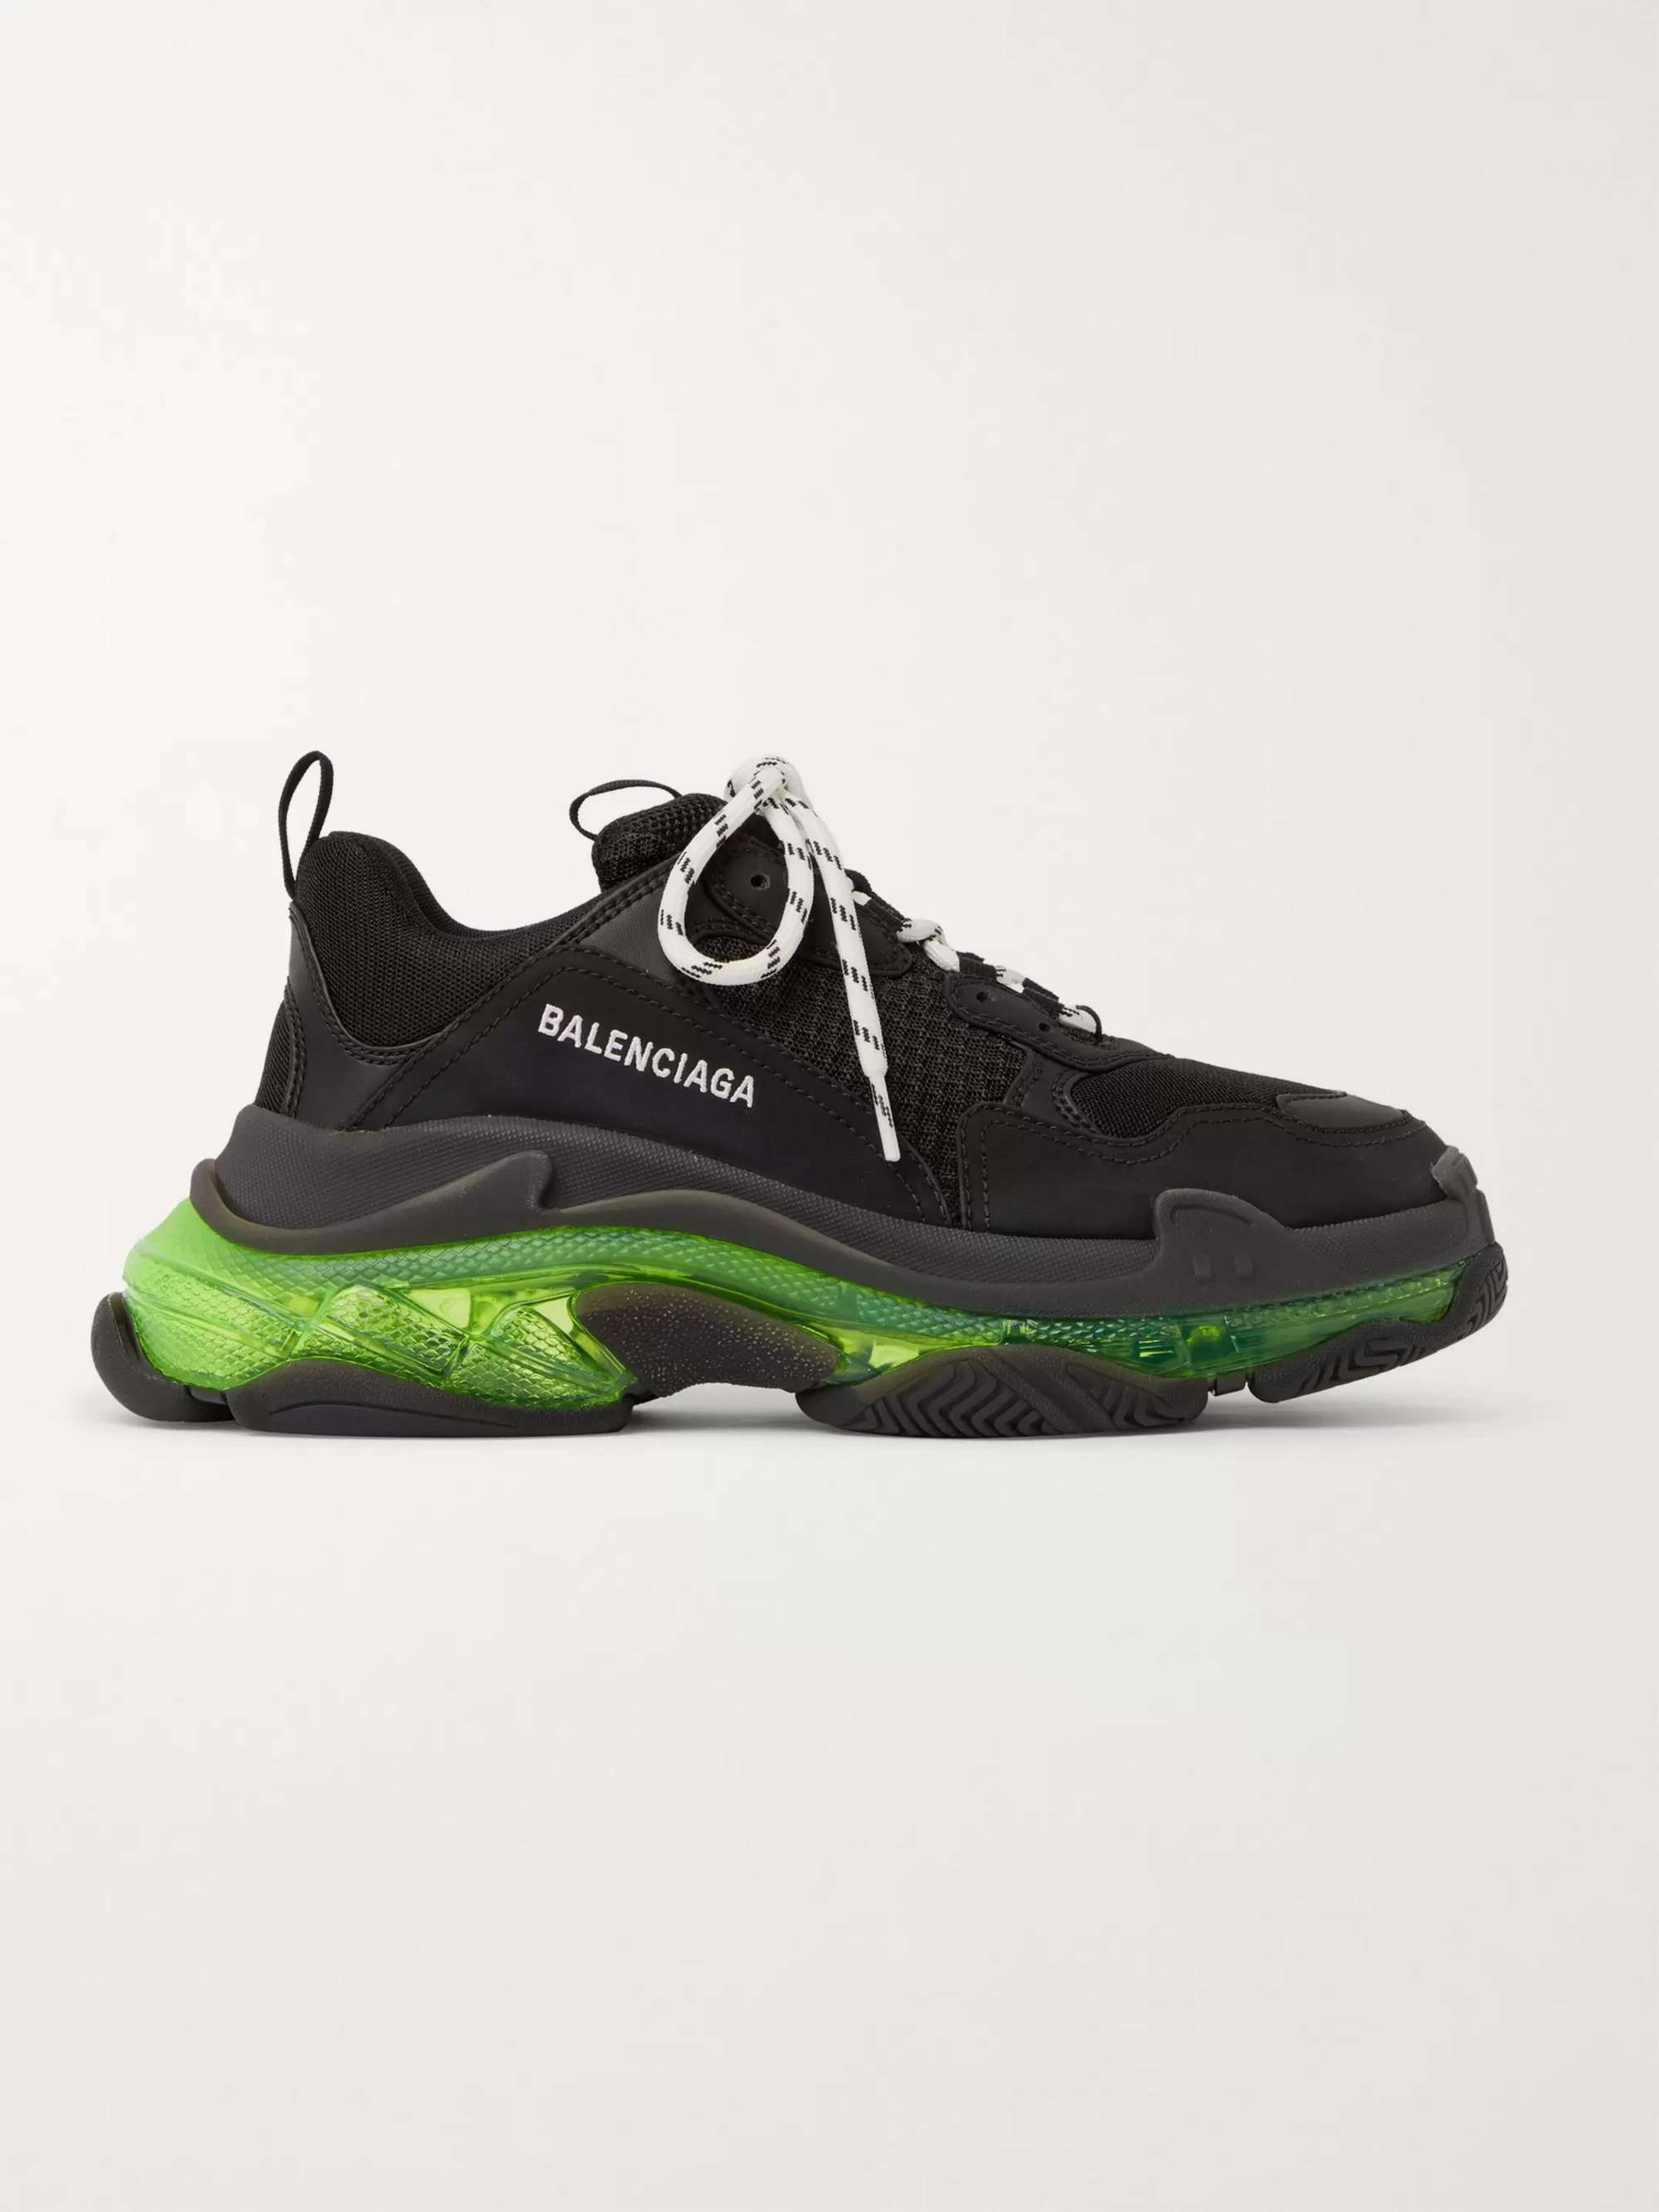 발렌시아가 트리플S 남성용, 클리어솔 - 블랙 Balenciaga Triple S Clear Sole Mesh Sneakers,Black